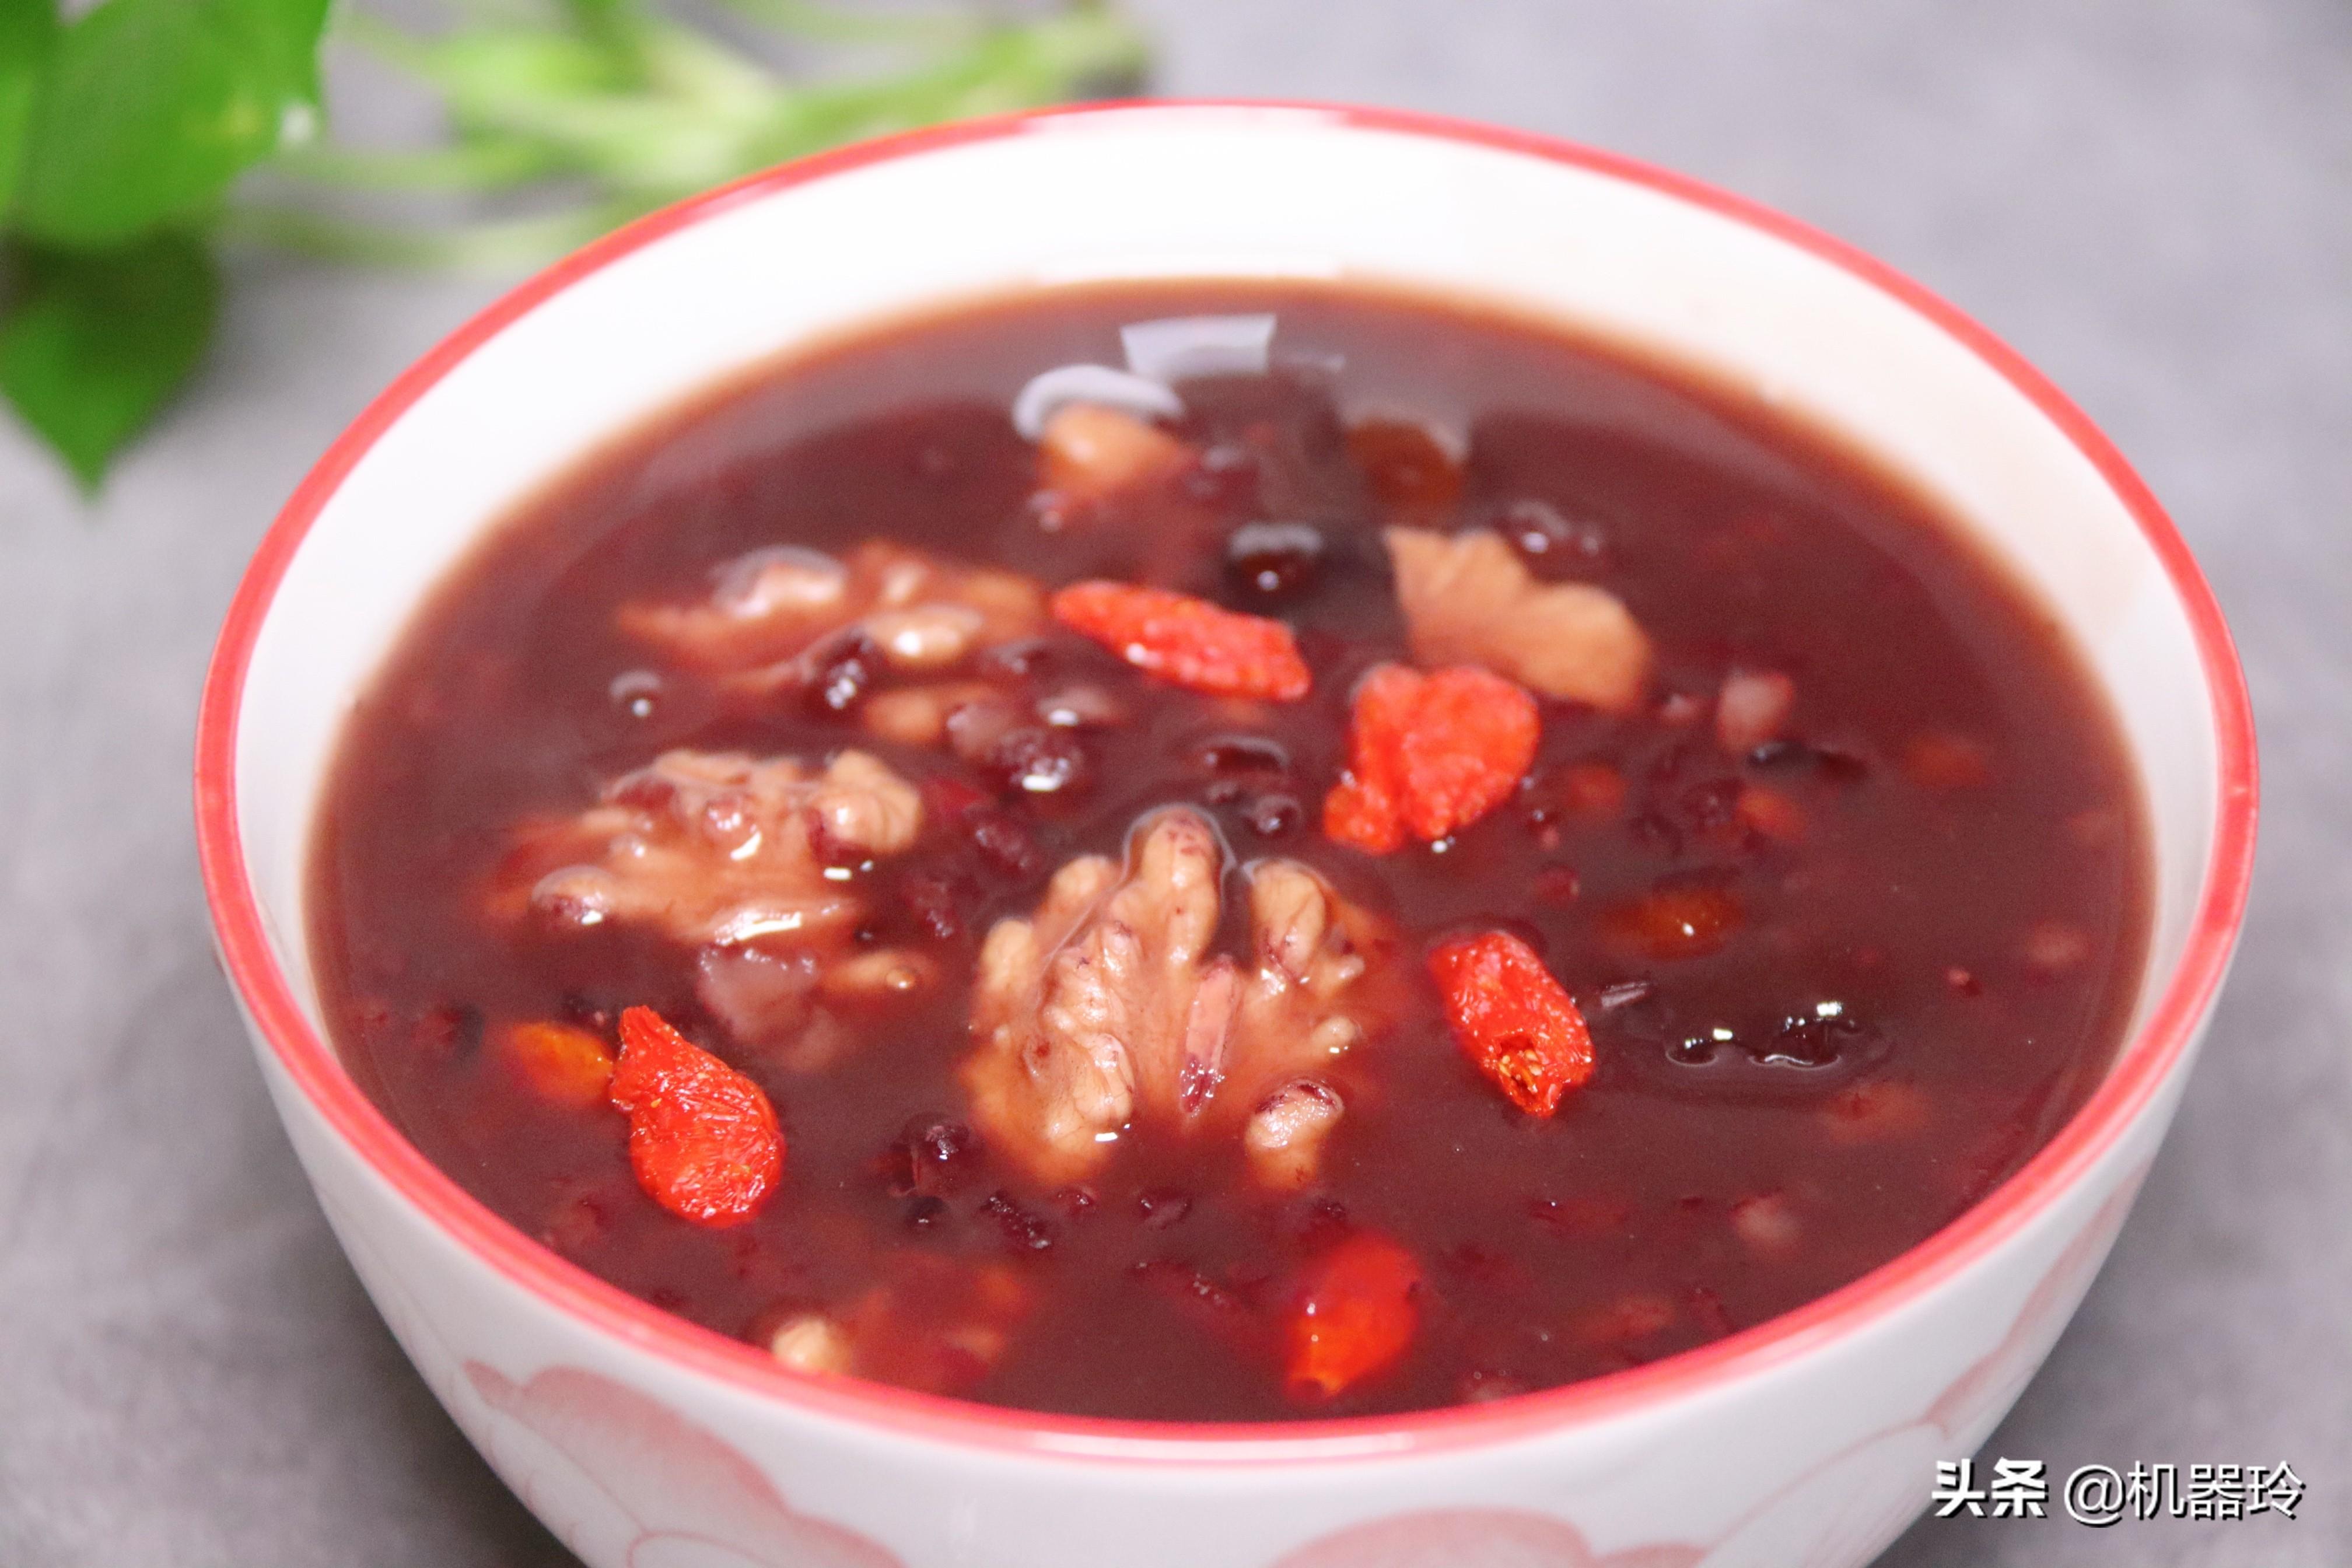 多喝这碗粥,脸蛋红润气色好不长斑 美食做法 第2张